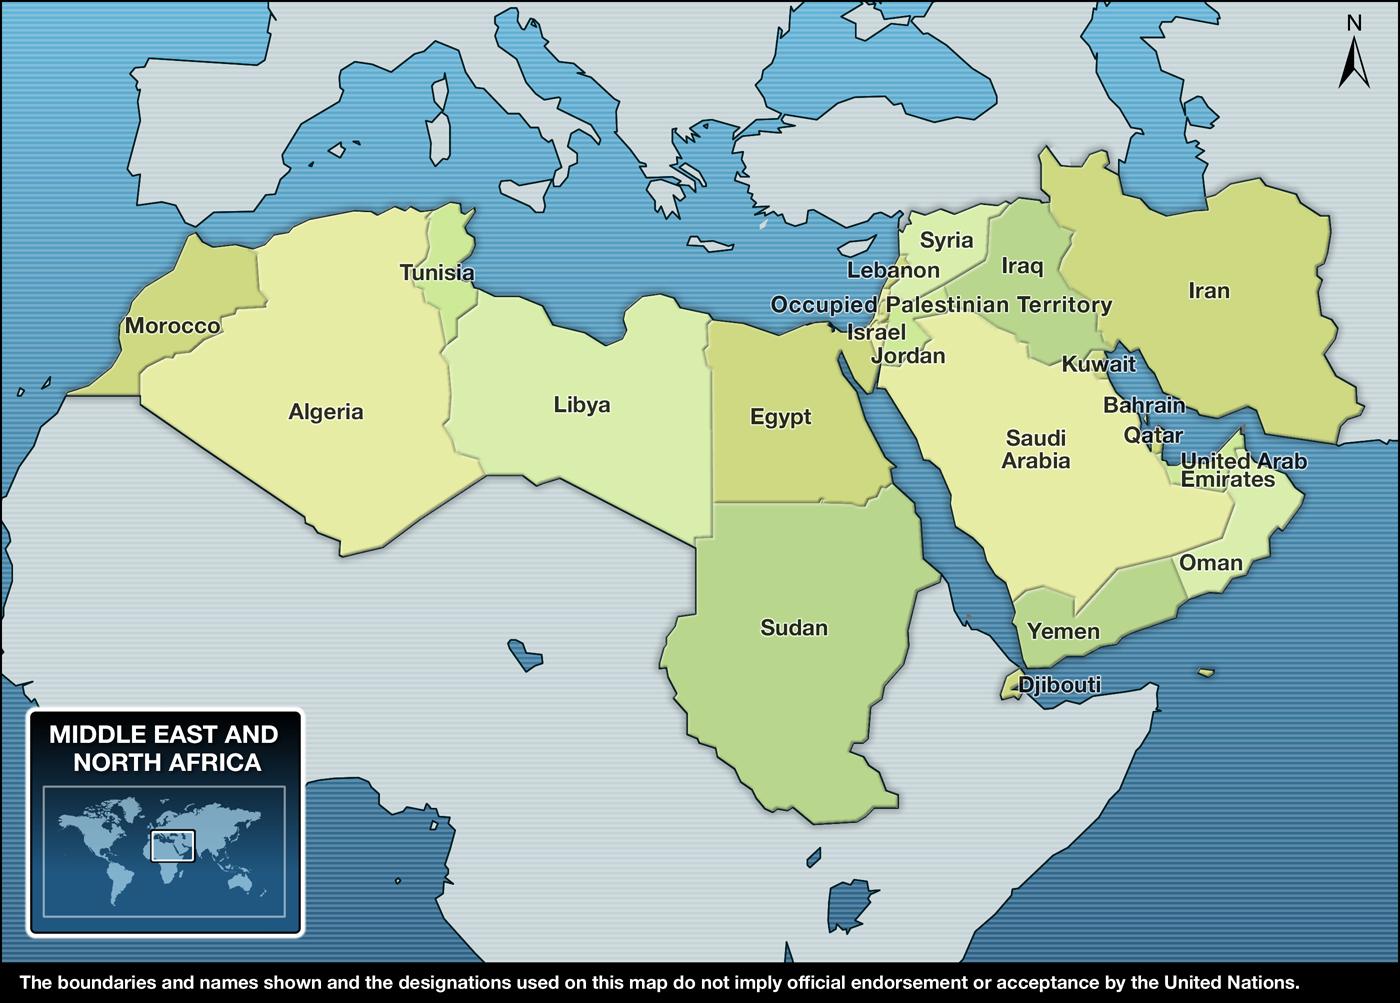 Carte De Lafrique Et Moyen Orient.Unicef Action Humanitaire Pour Les Enfants 2011 Moyen Orient Et